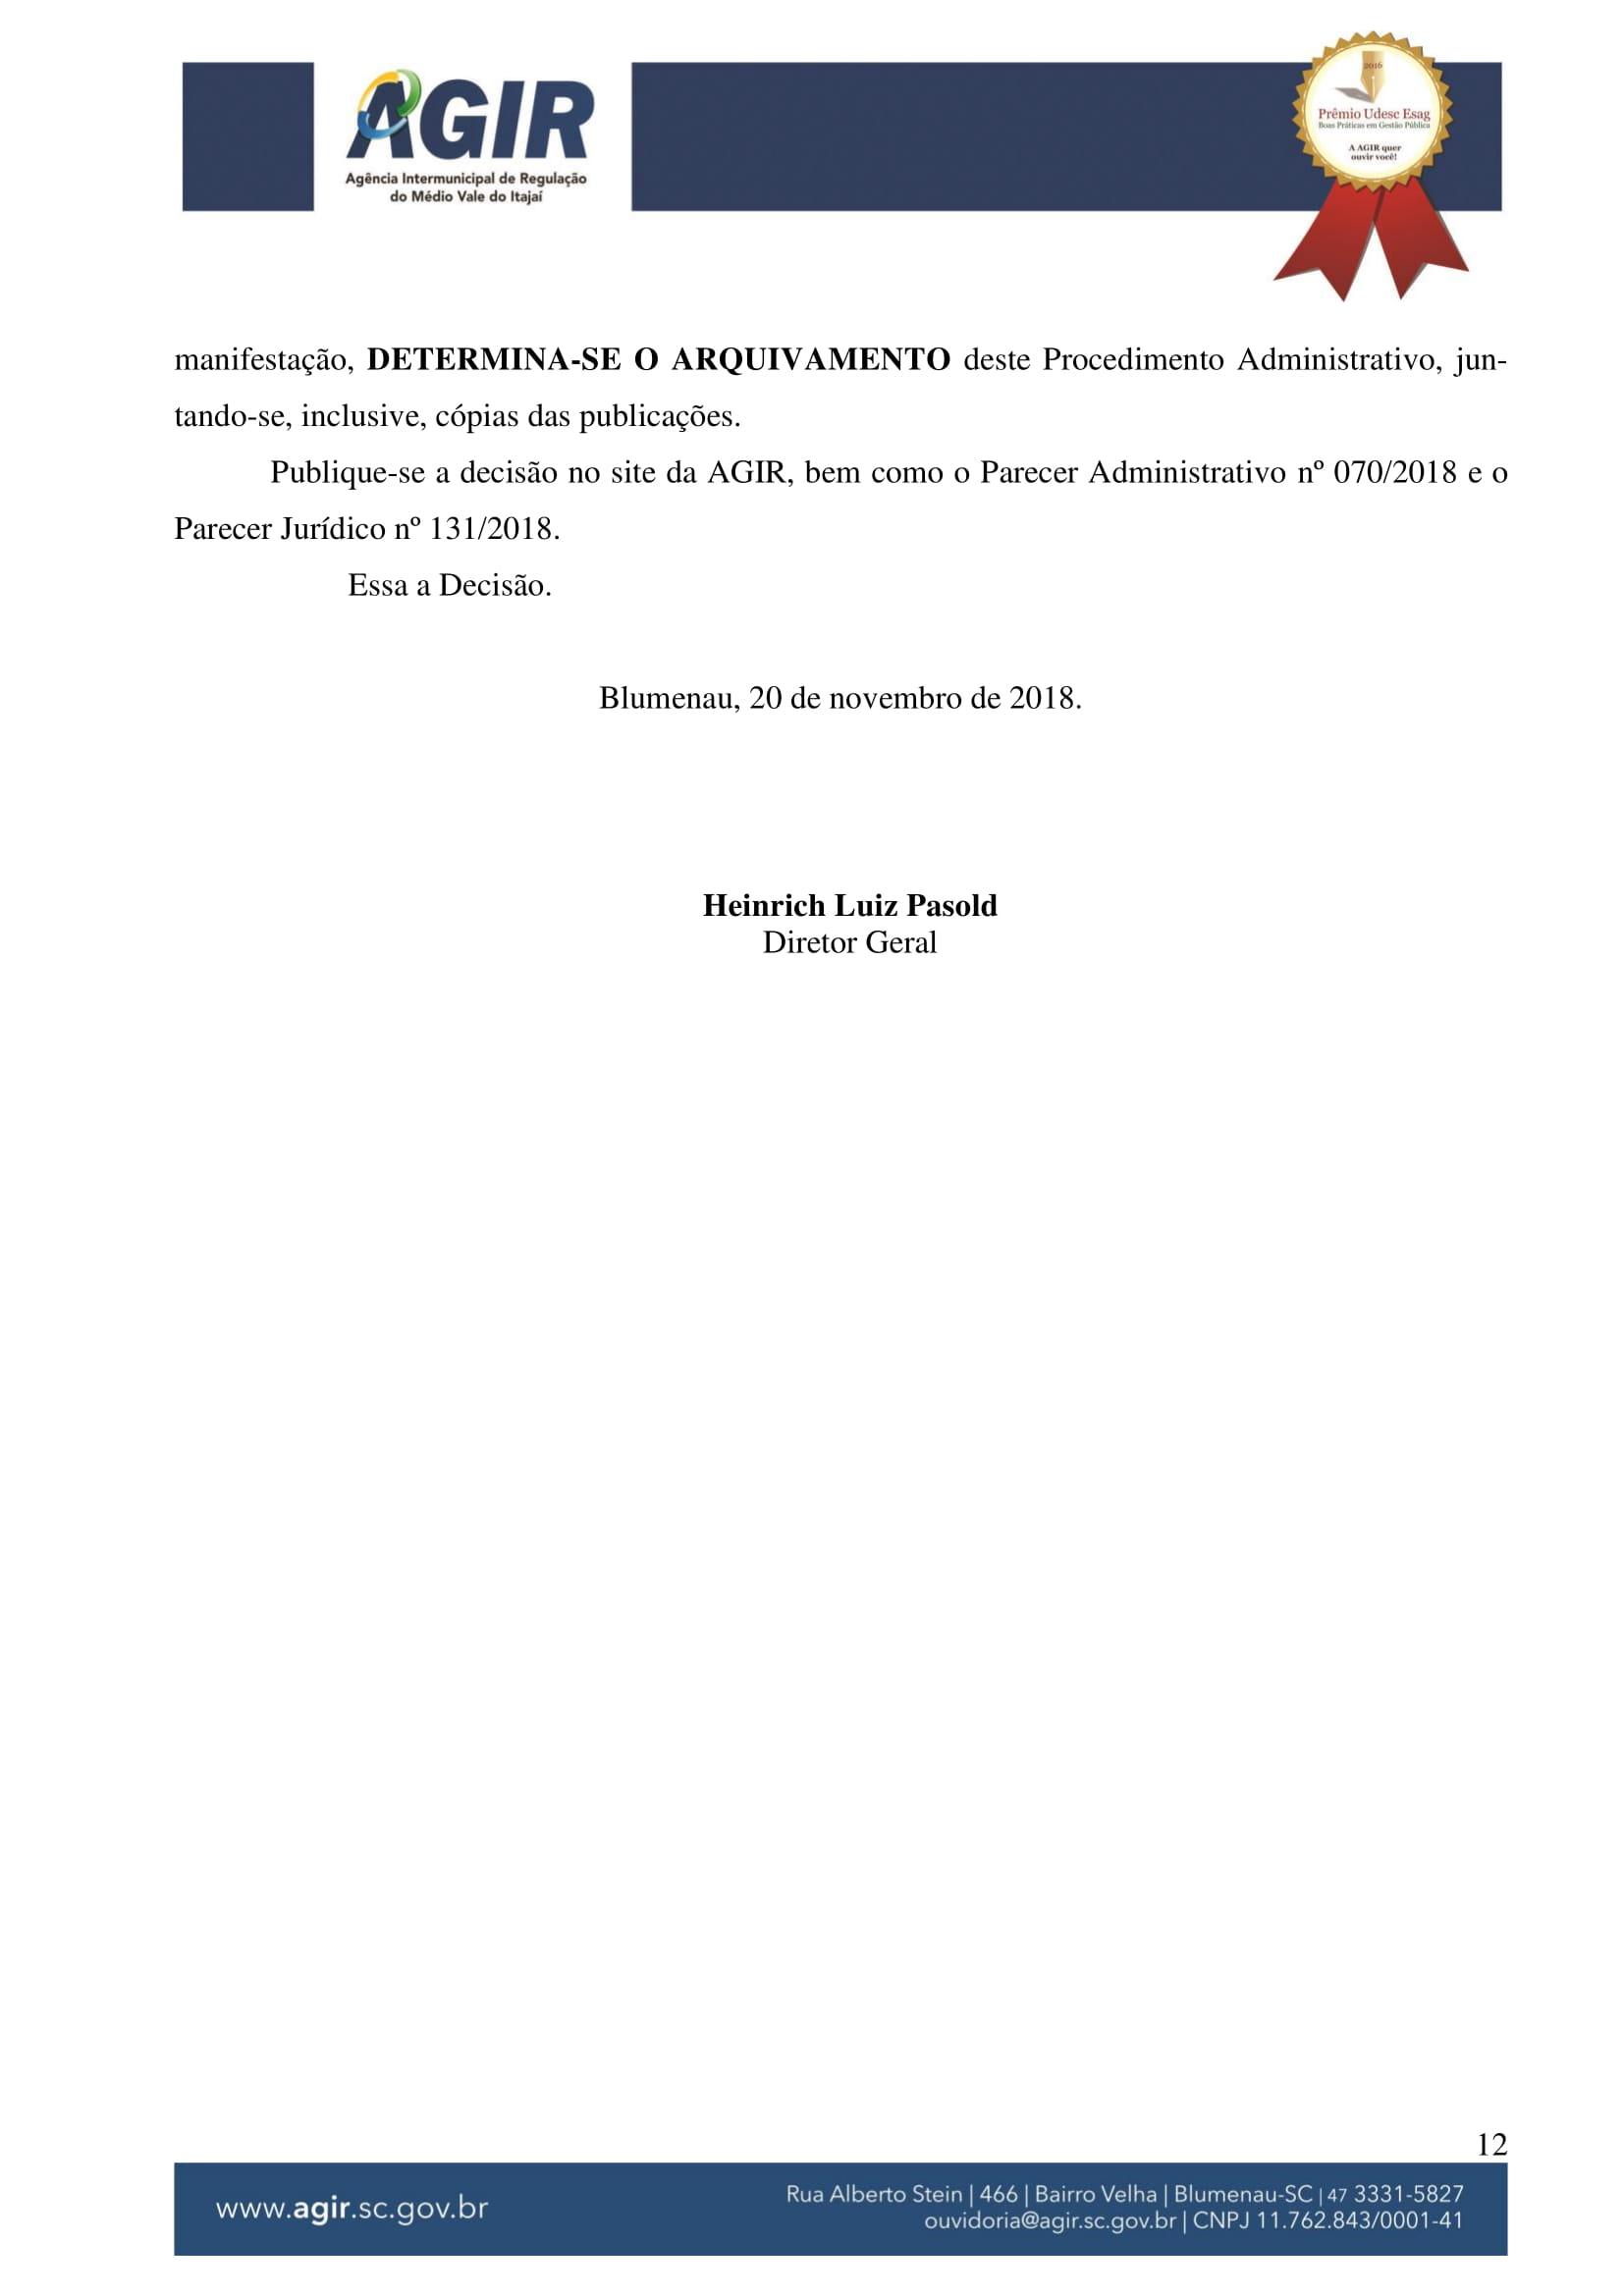 Decisão Final 048-2018-12